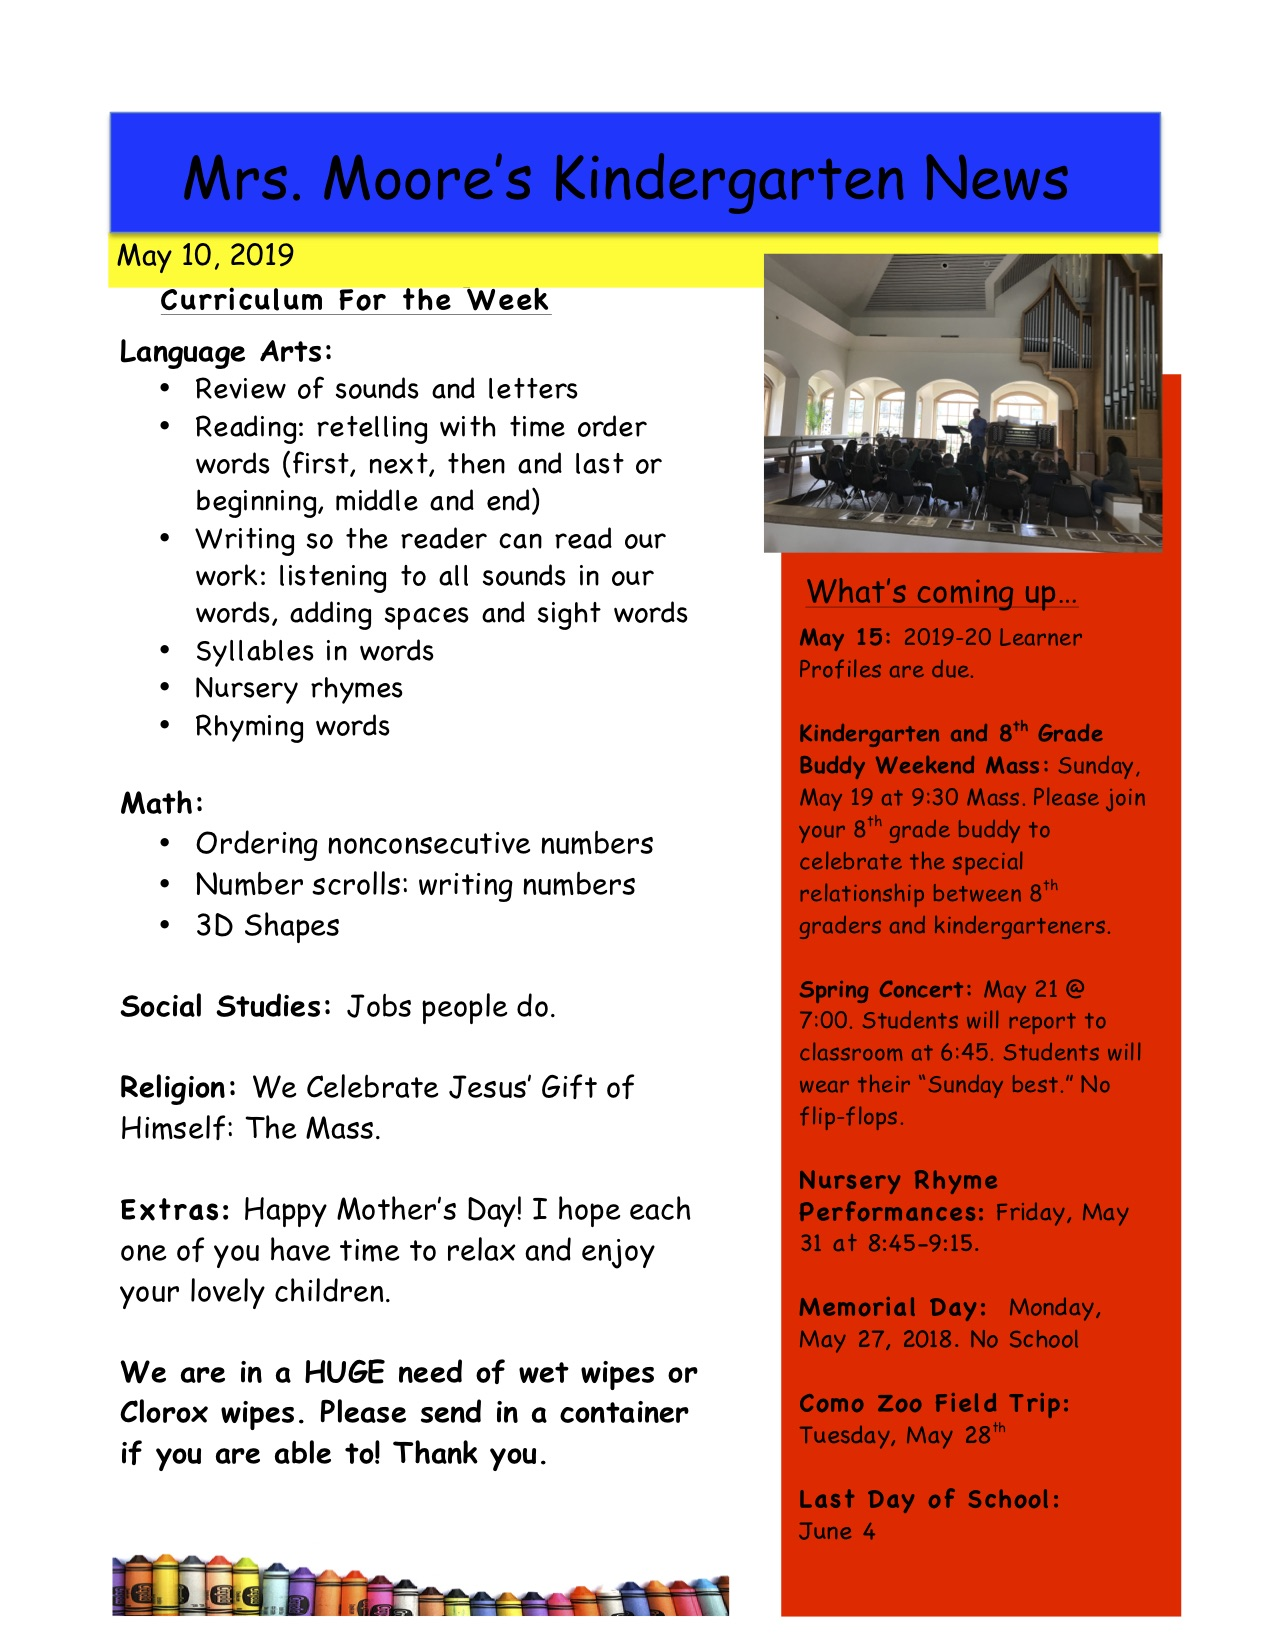 MooreNewsletter 5-10-19.jpg